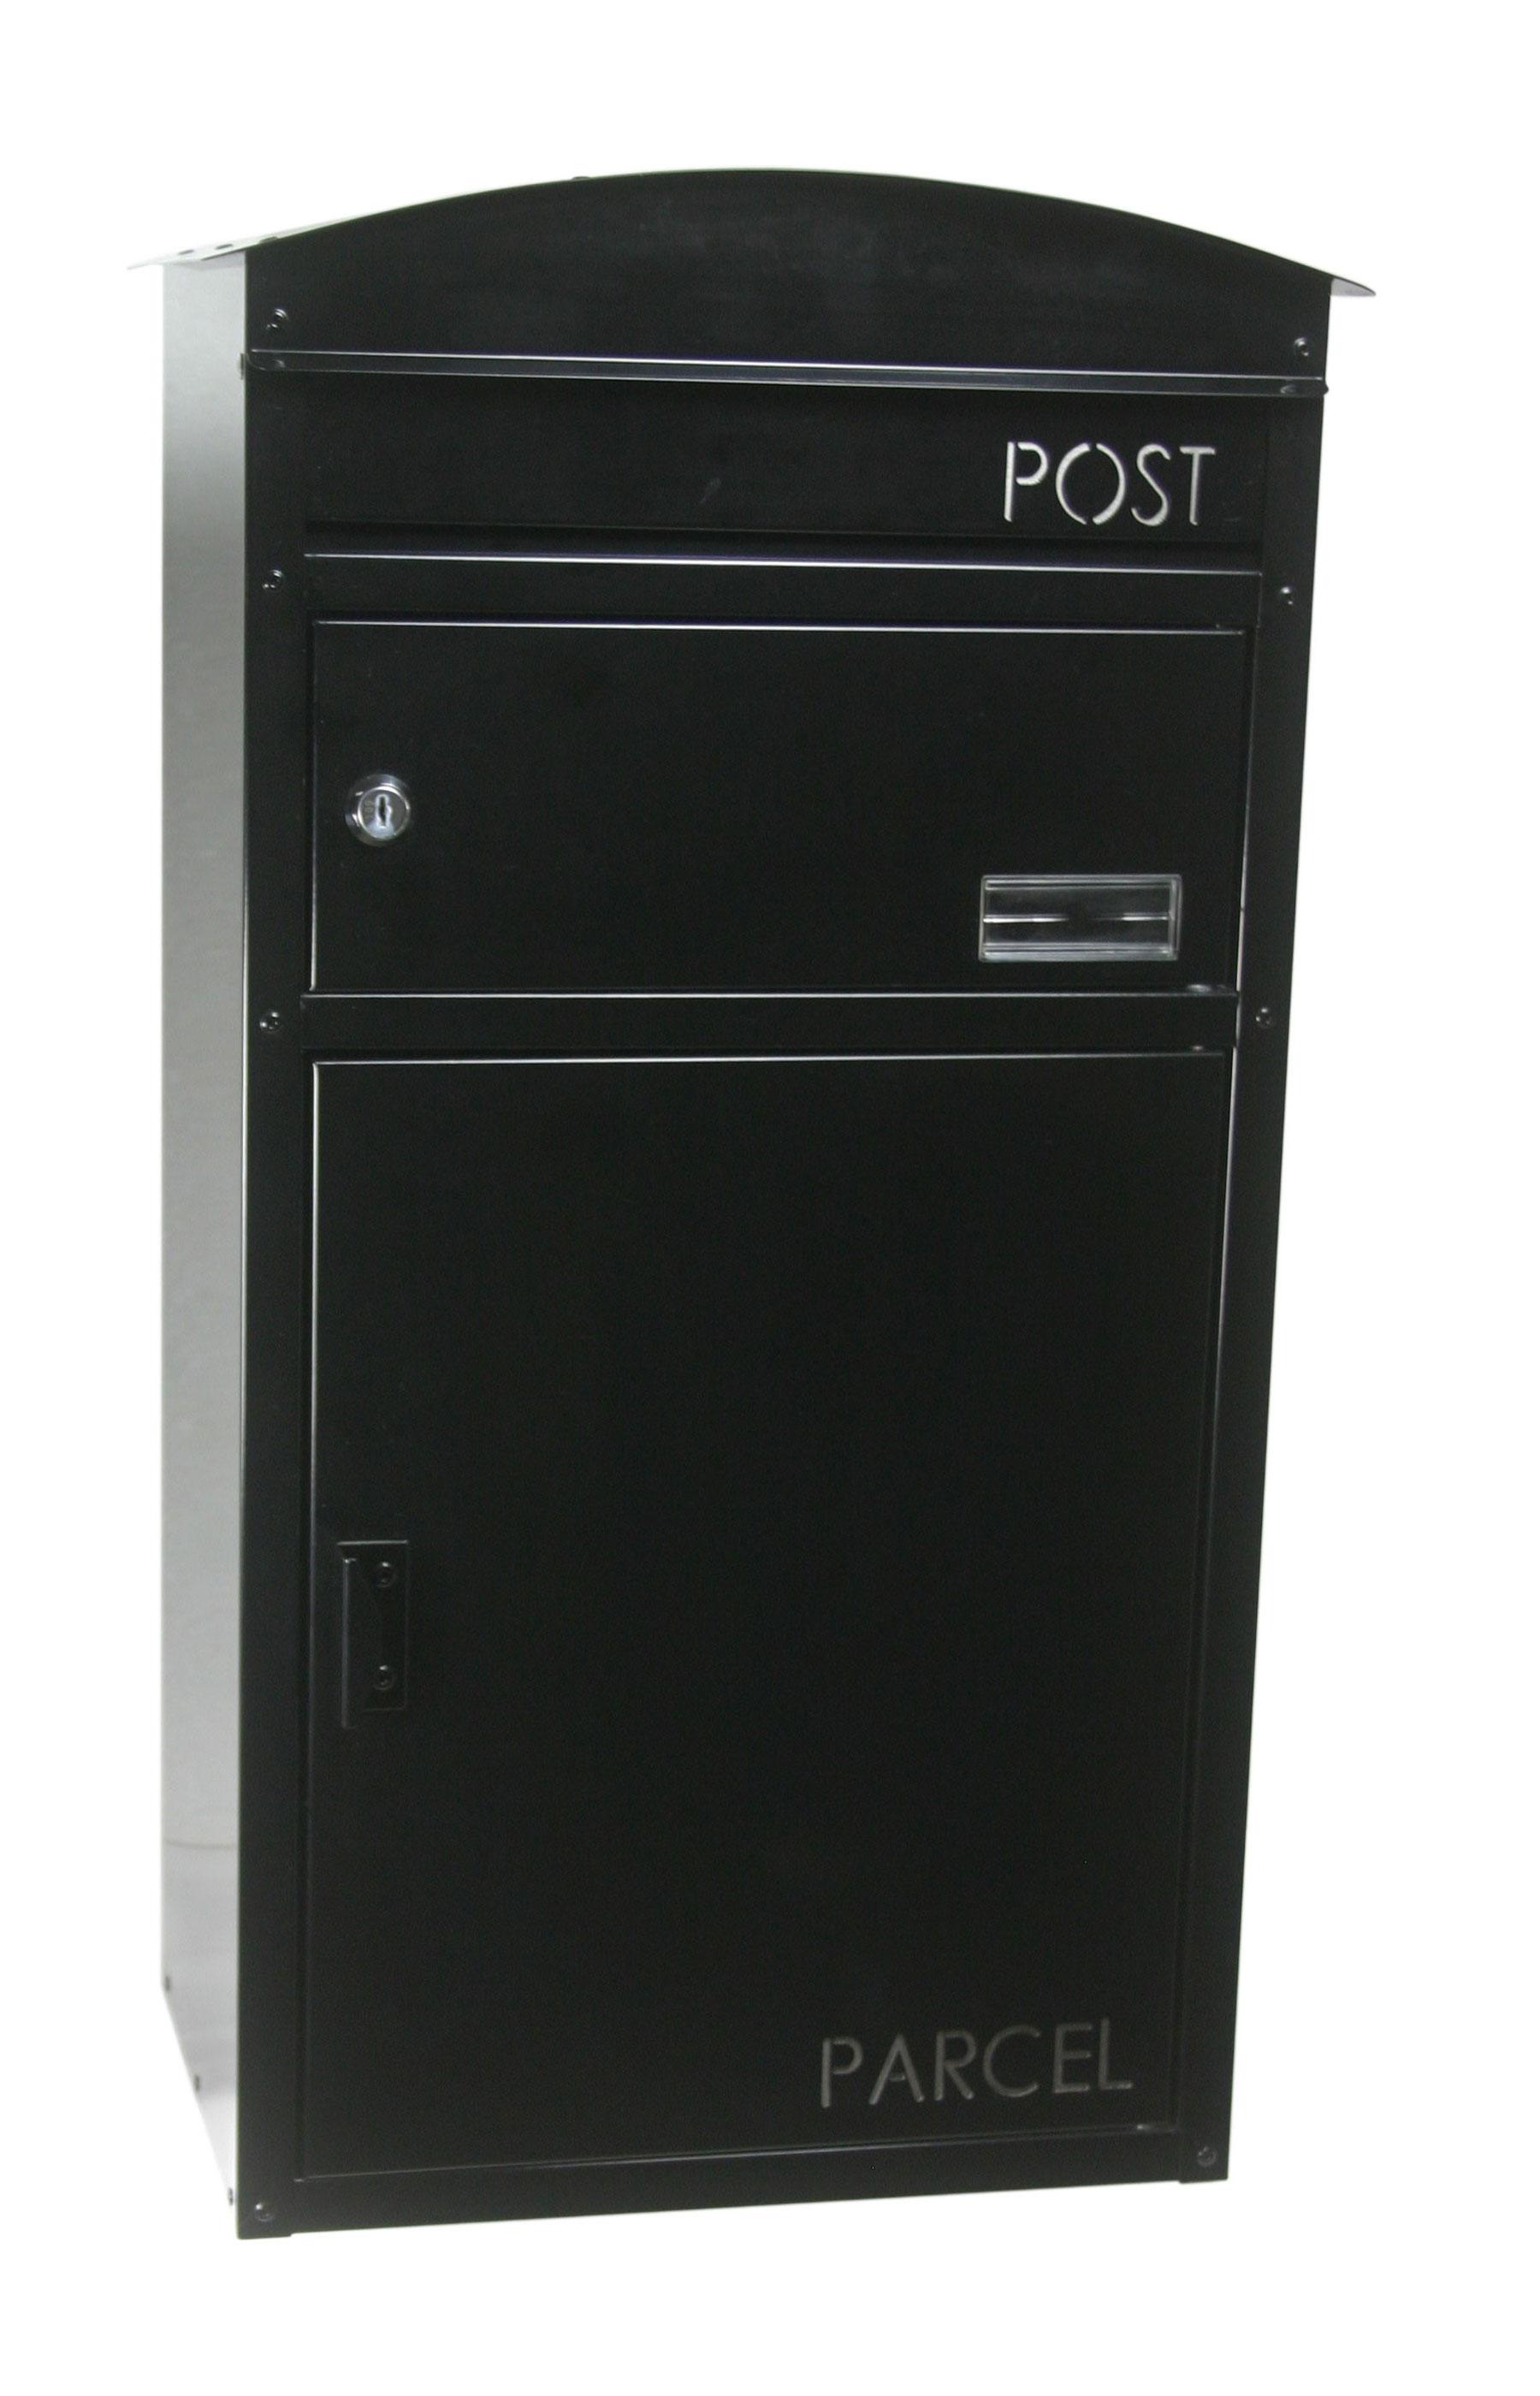 Briefkasten / Paketbriefkasten ScanPro 48 schwarz Bild 1